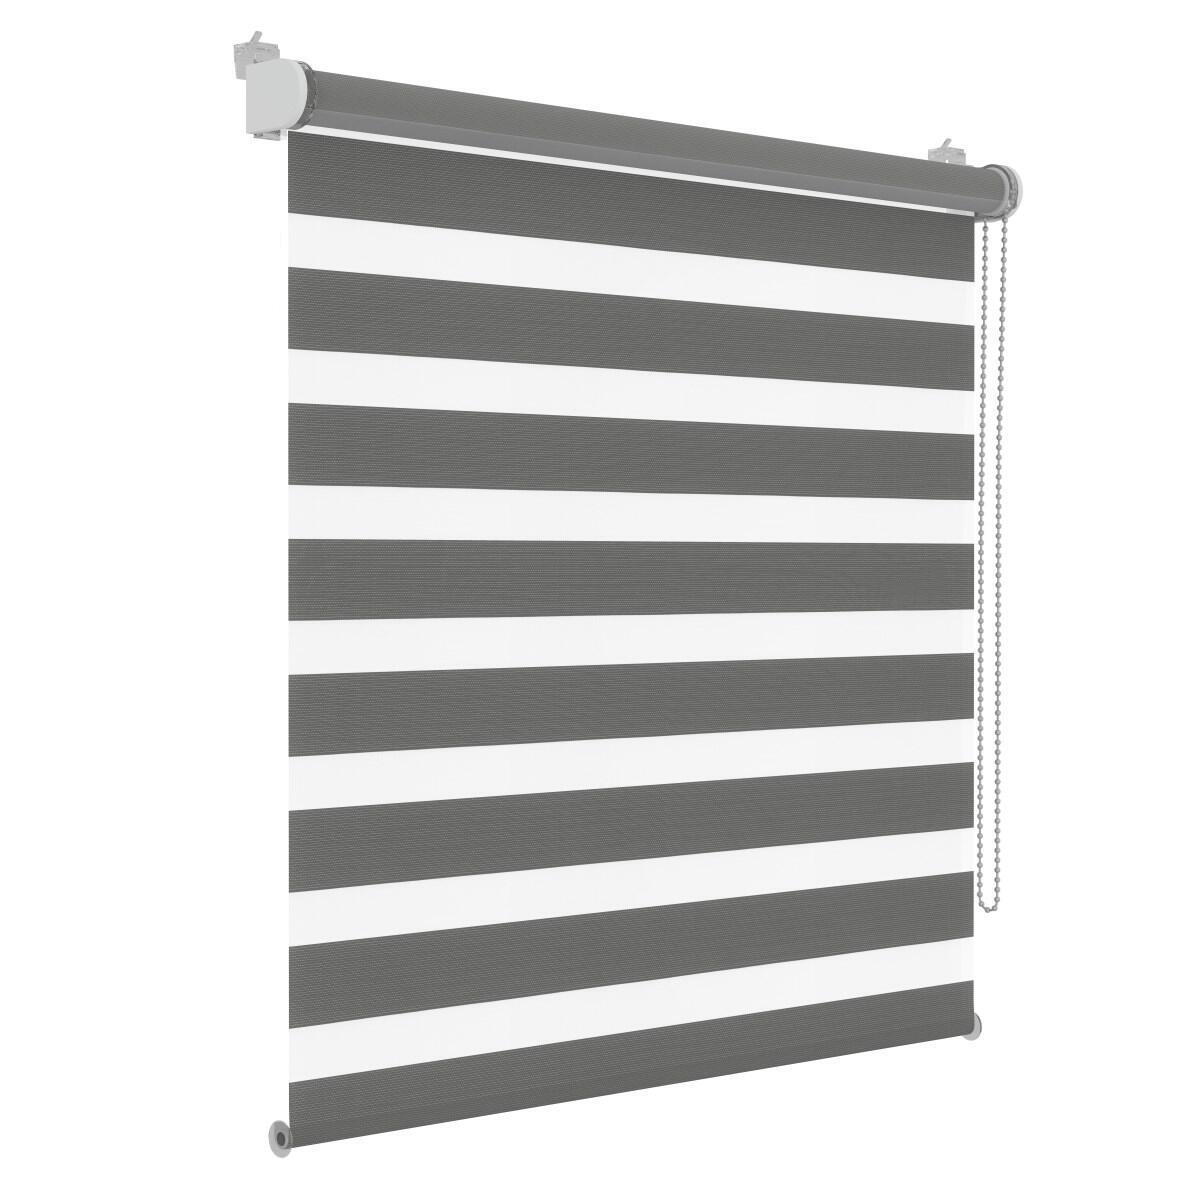 Tenda a rullo Orleans grigio 70 x 190 cm - 5